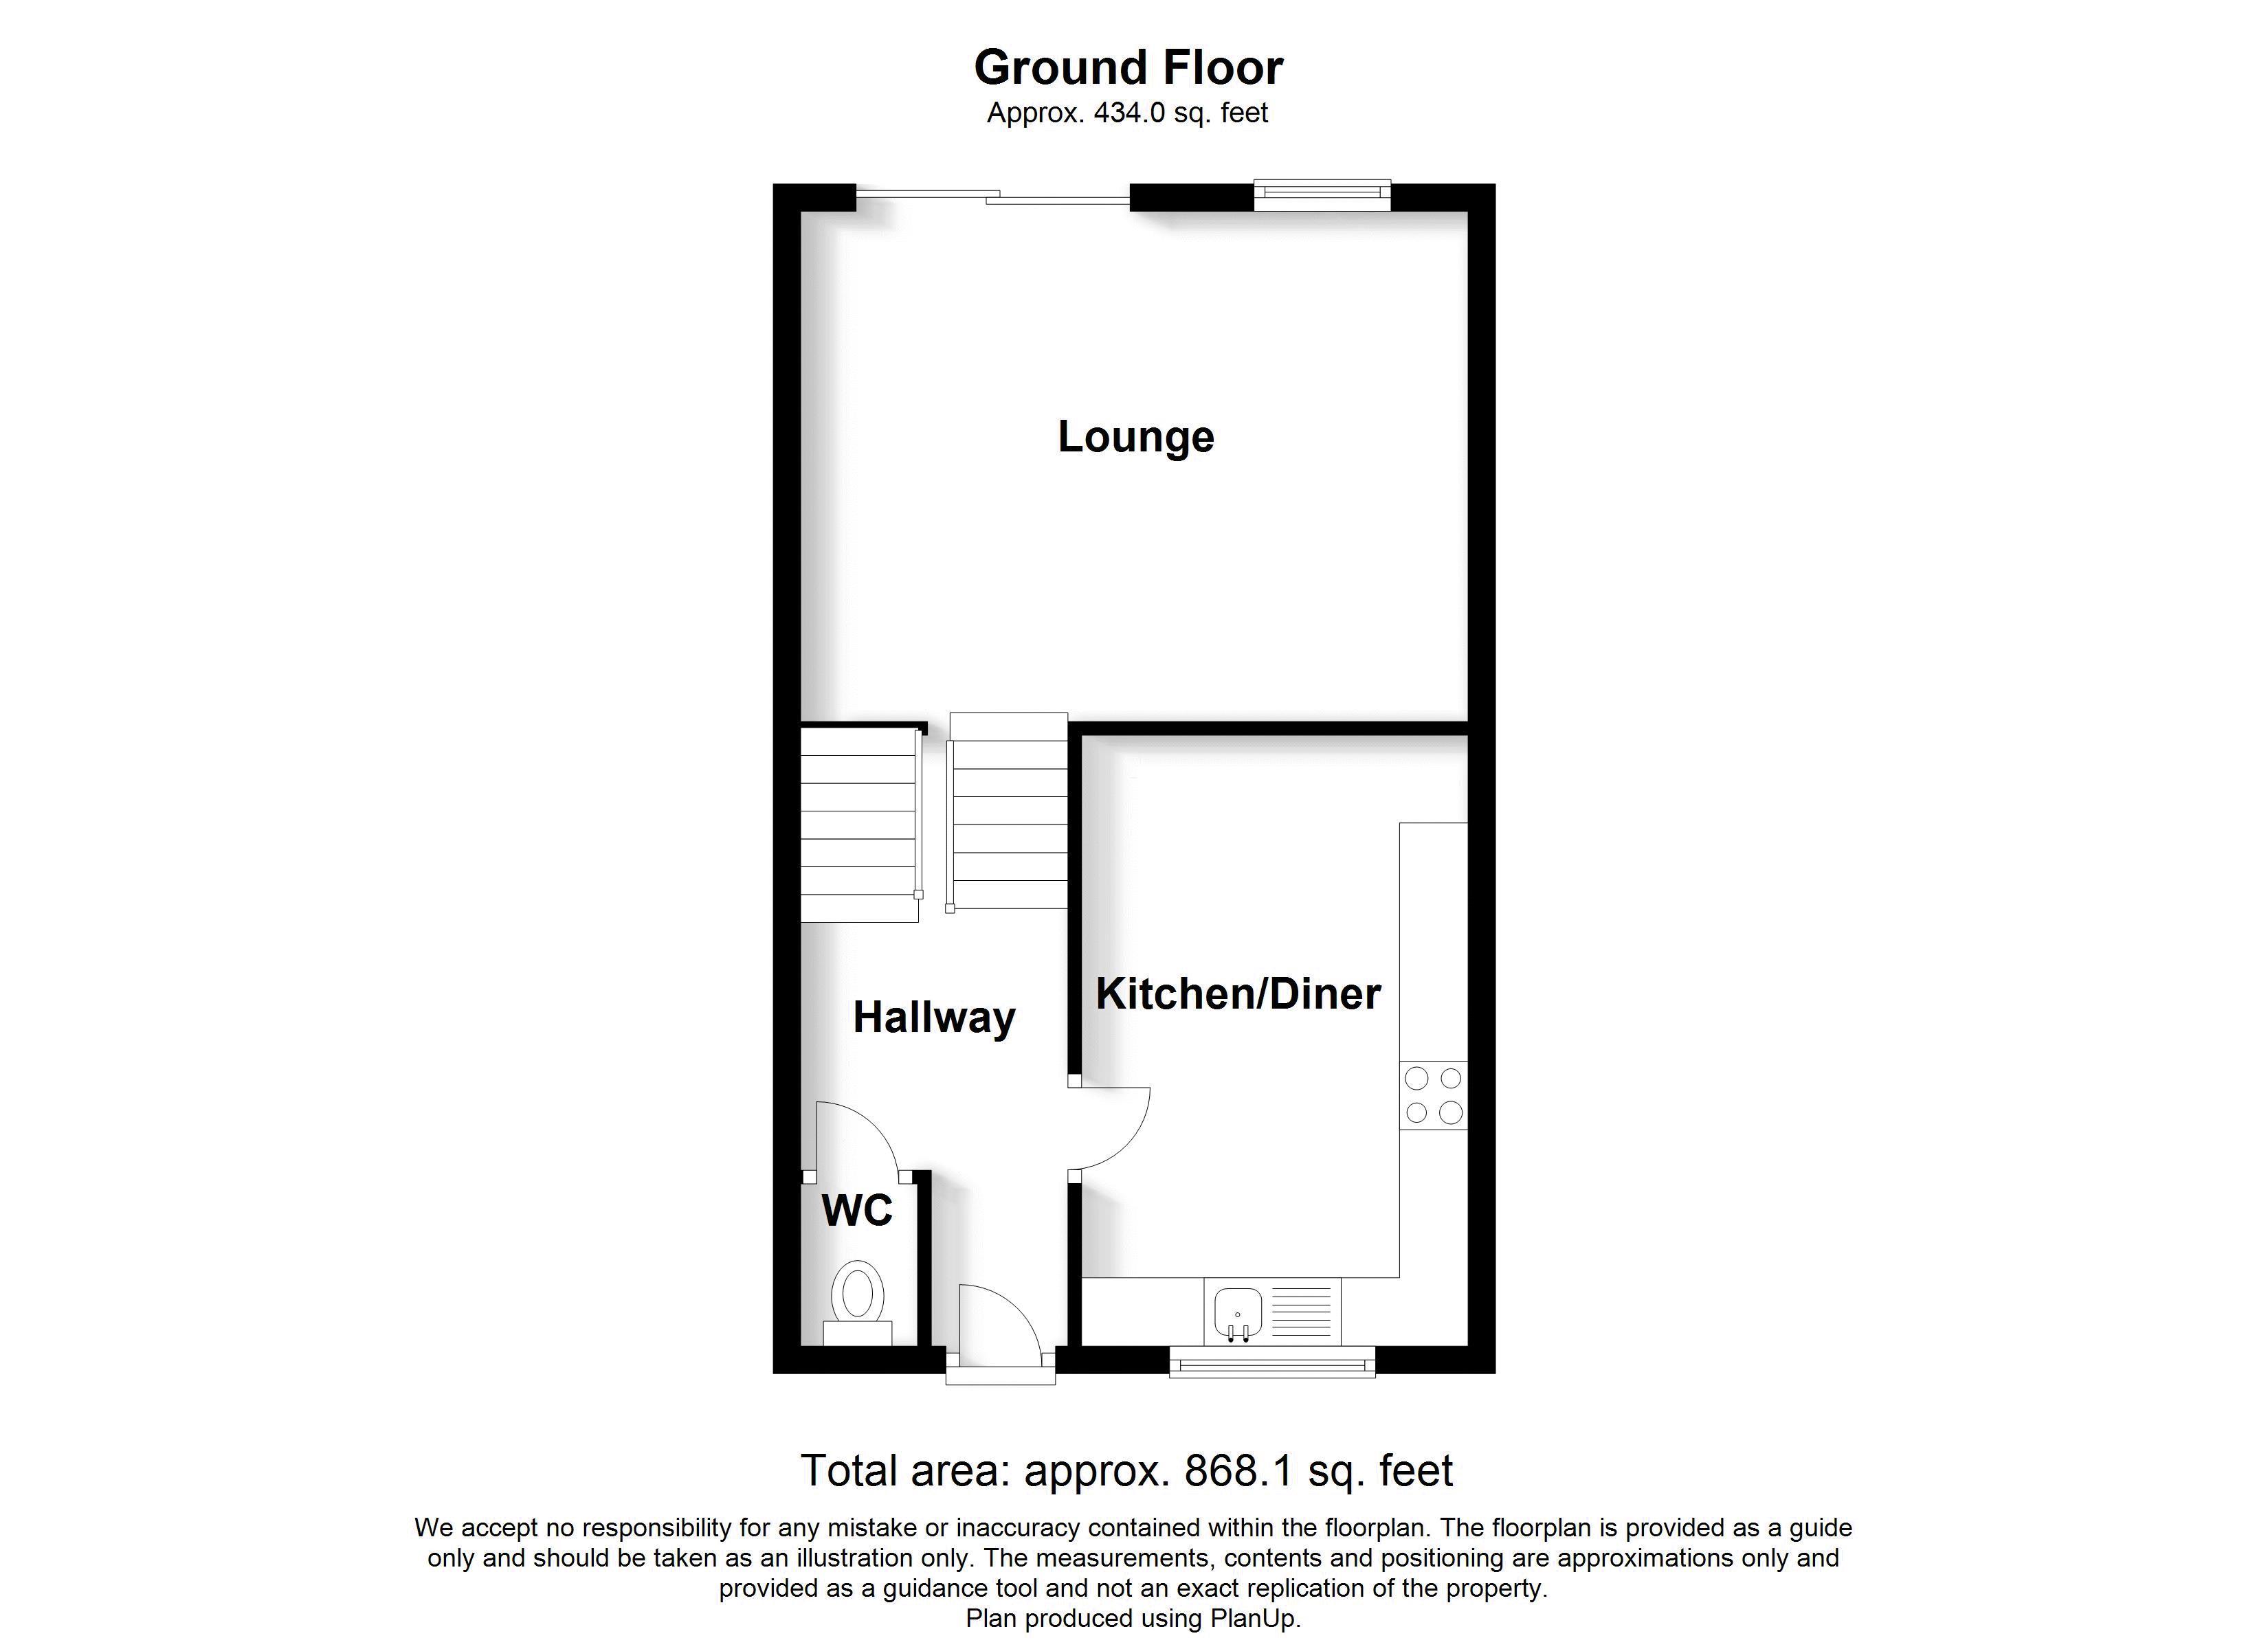 Ground Floors